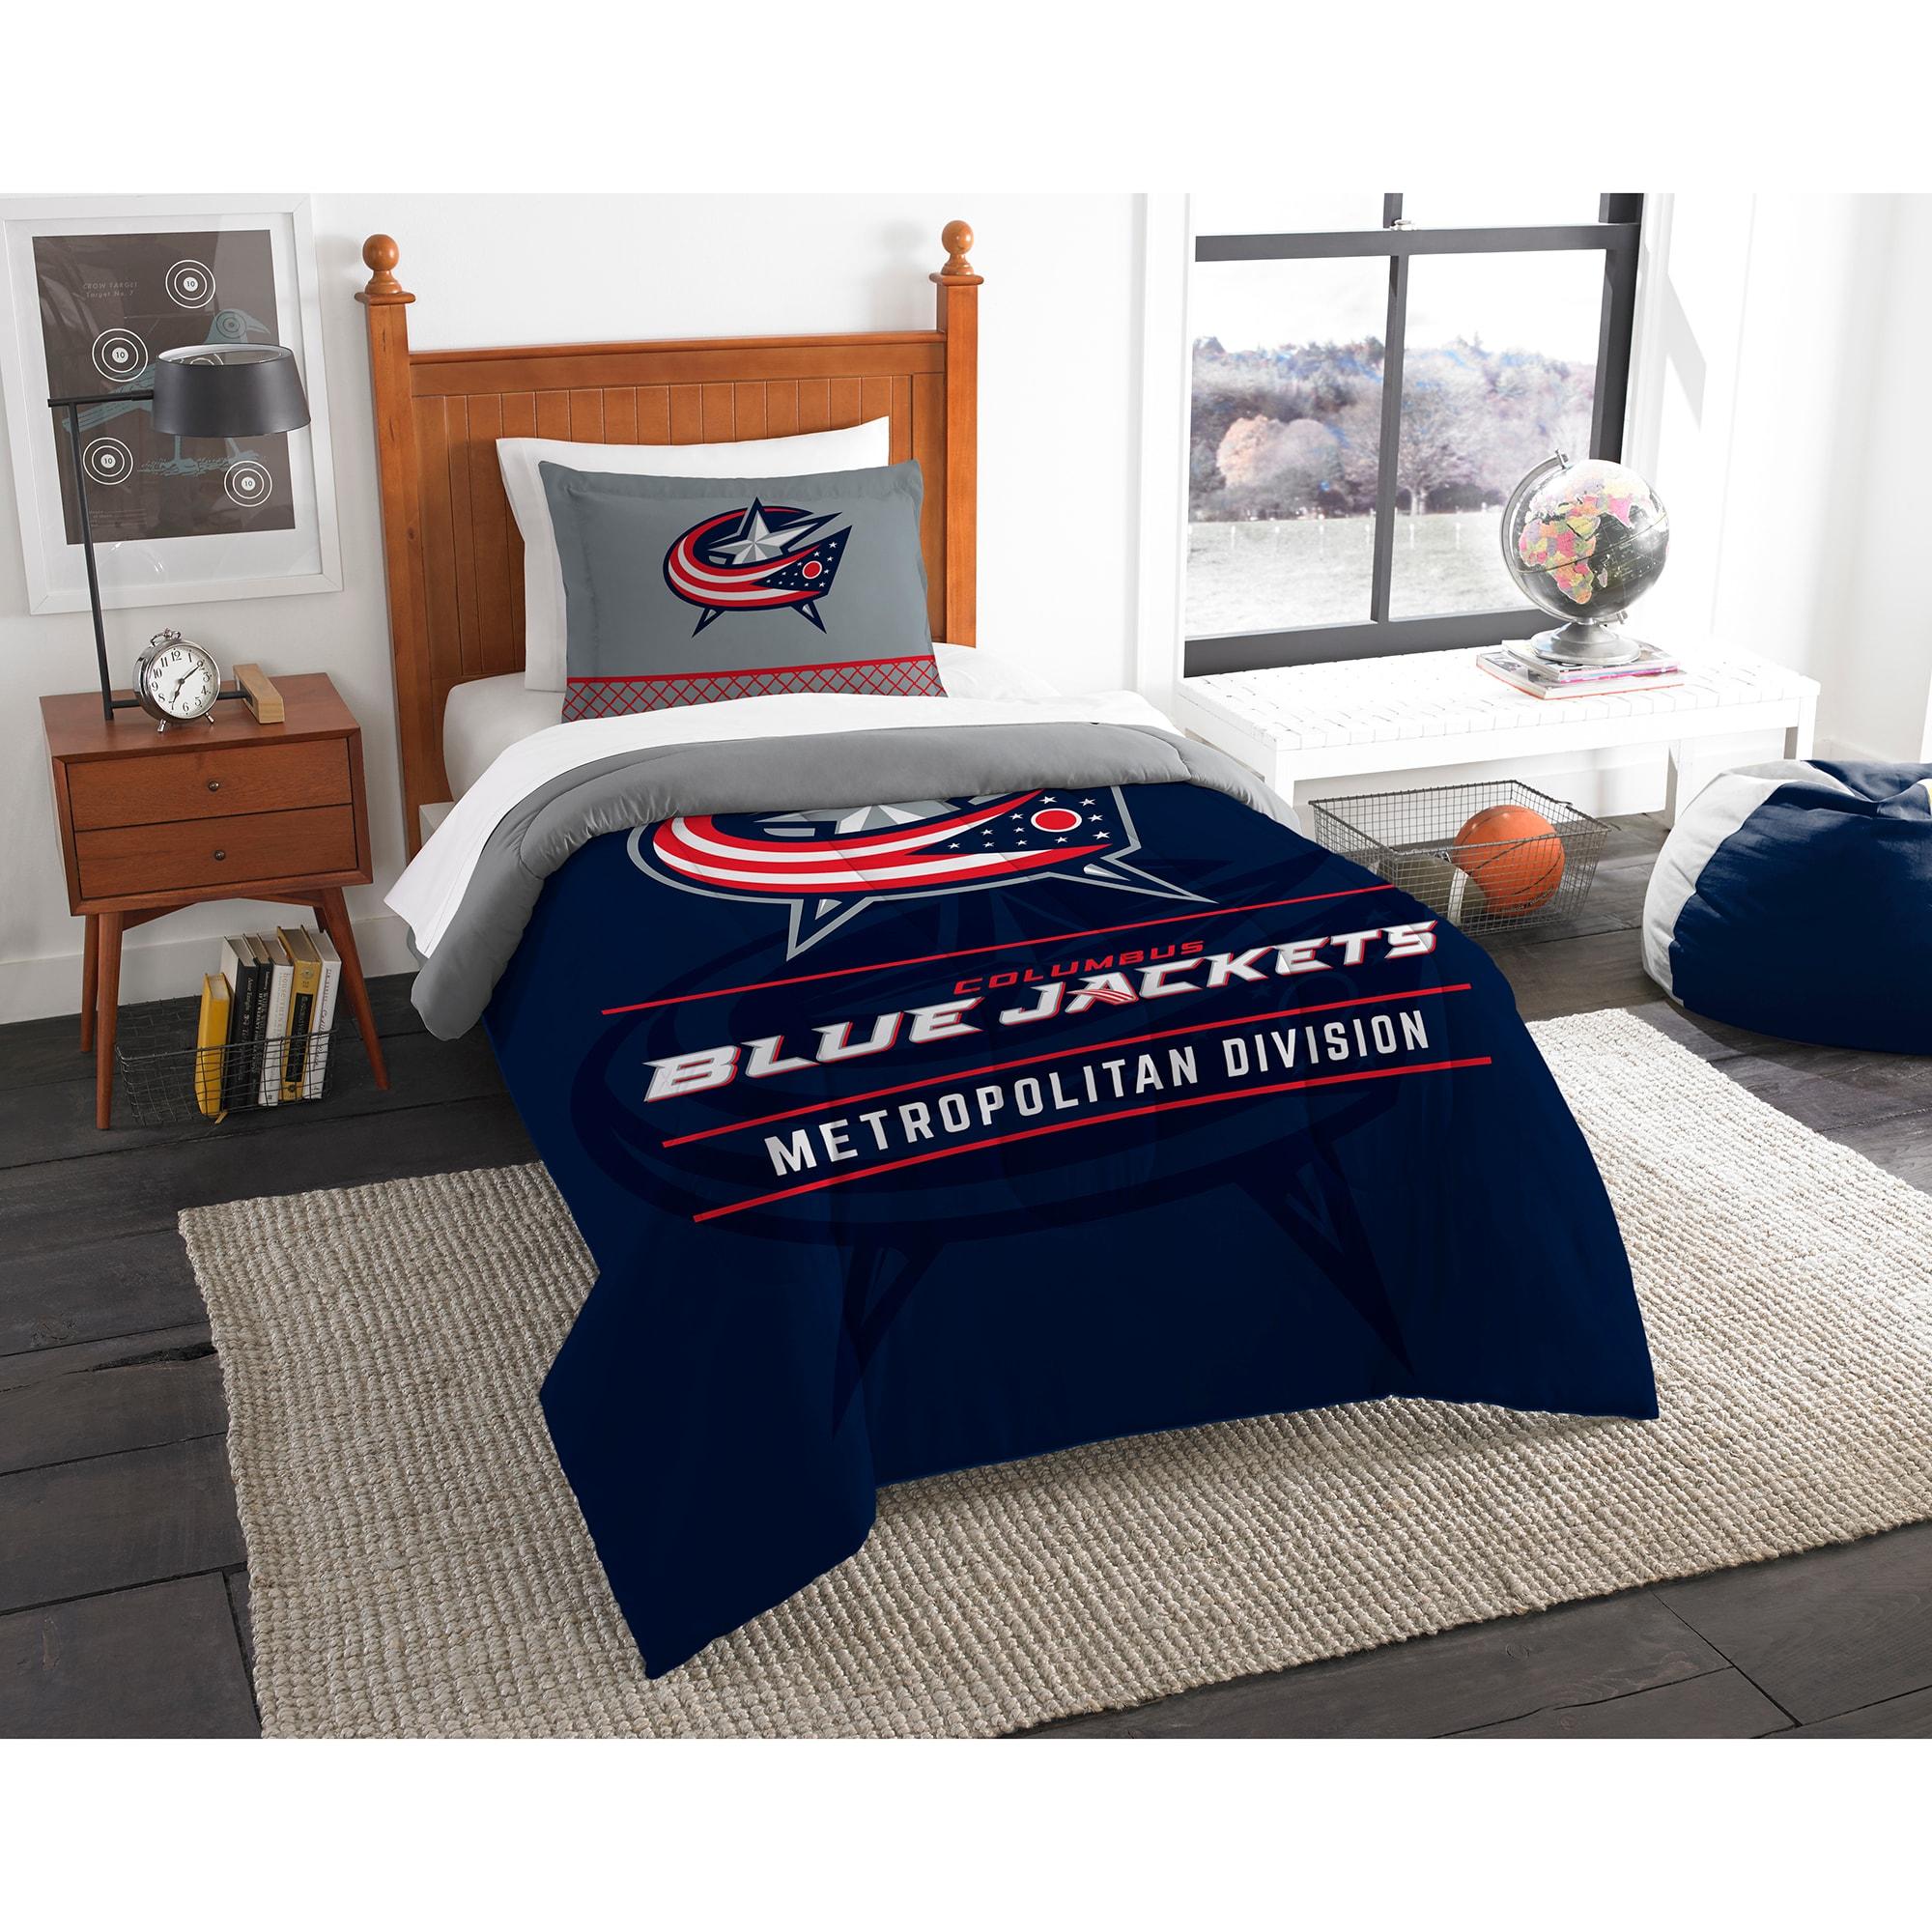 Twin Midnight NBA Memphis Grizzlies Bed Skirt